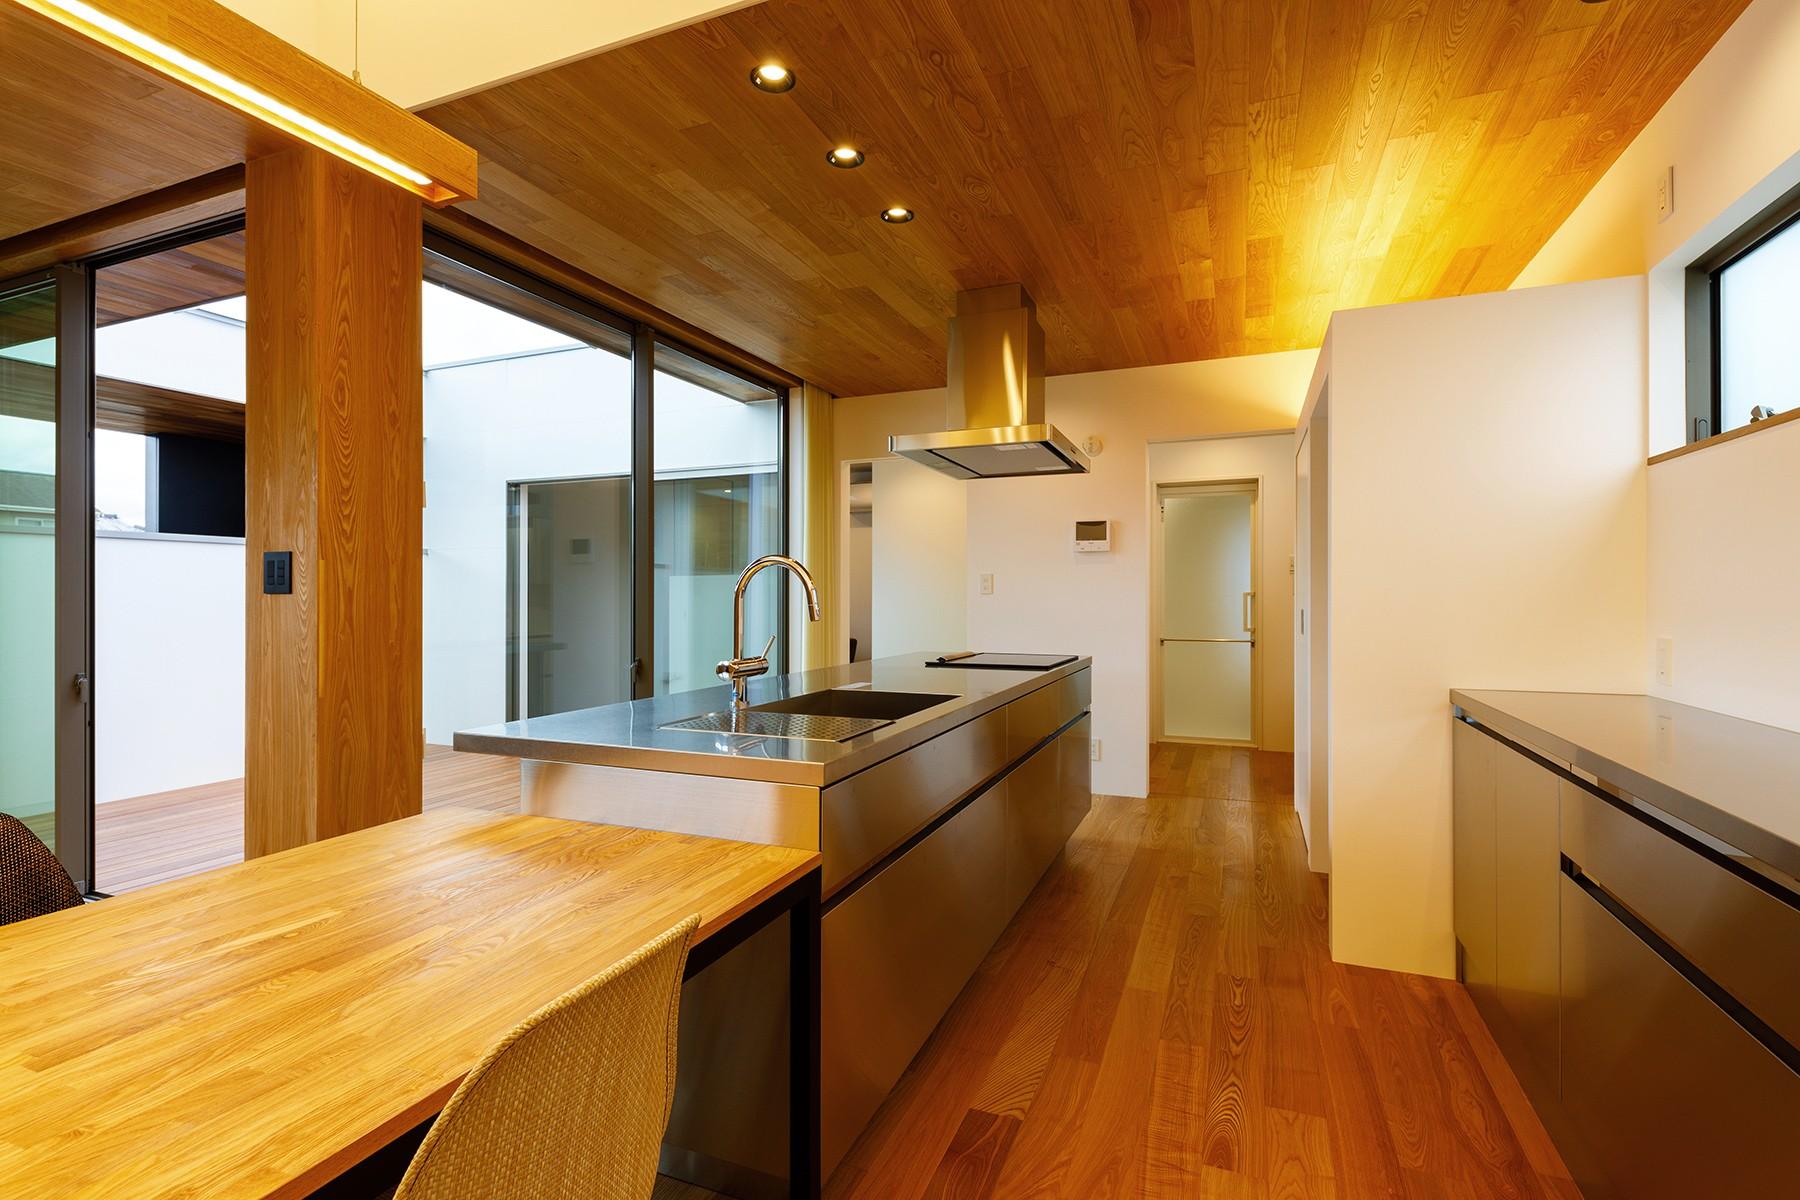 キッチン事例:haus-slit キッチン(haus-slit / 稜線に沿ったスリットで自然を感じる中庭住宅)